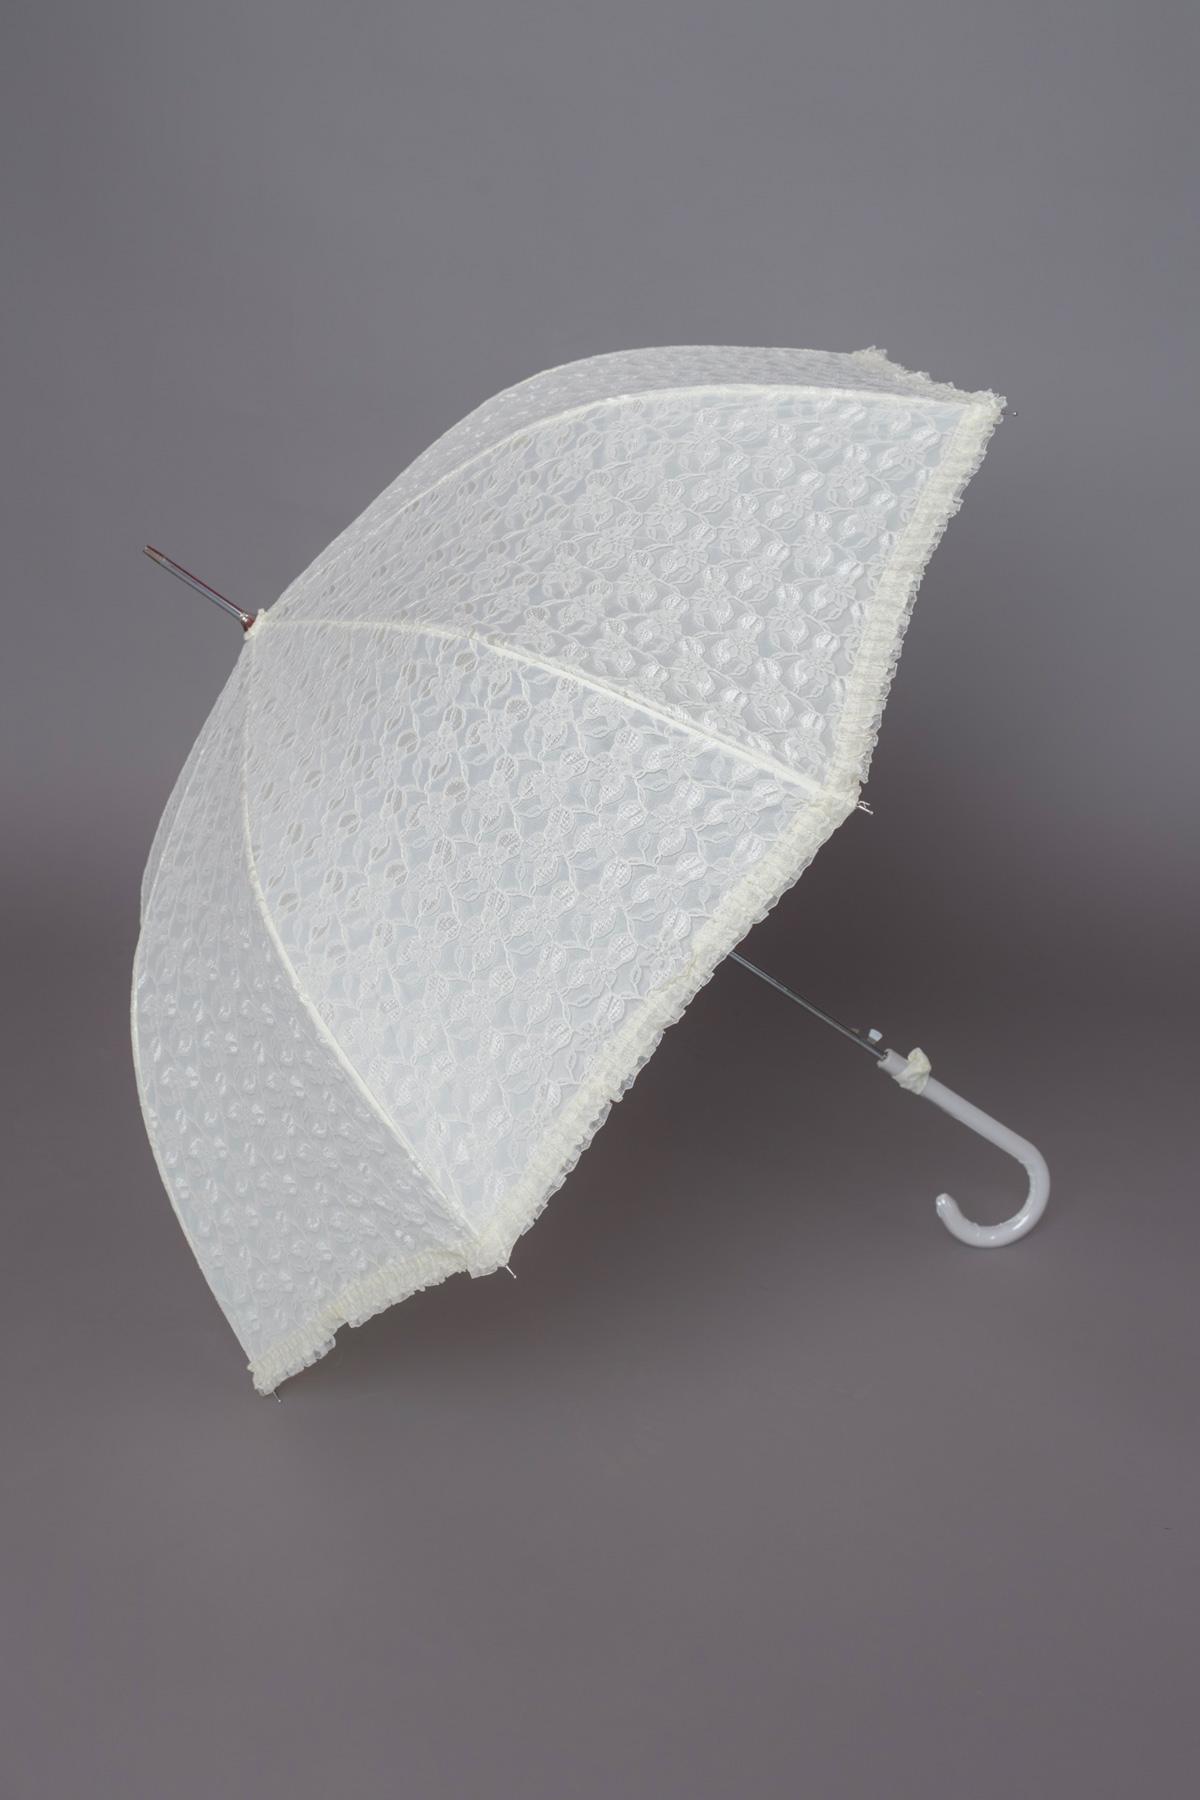 μπεζ δαντελένια ομπρέλα ρομαντική, ιδανική ακόμα και για το γάμο σας,